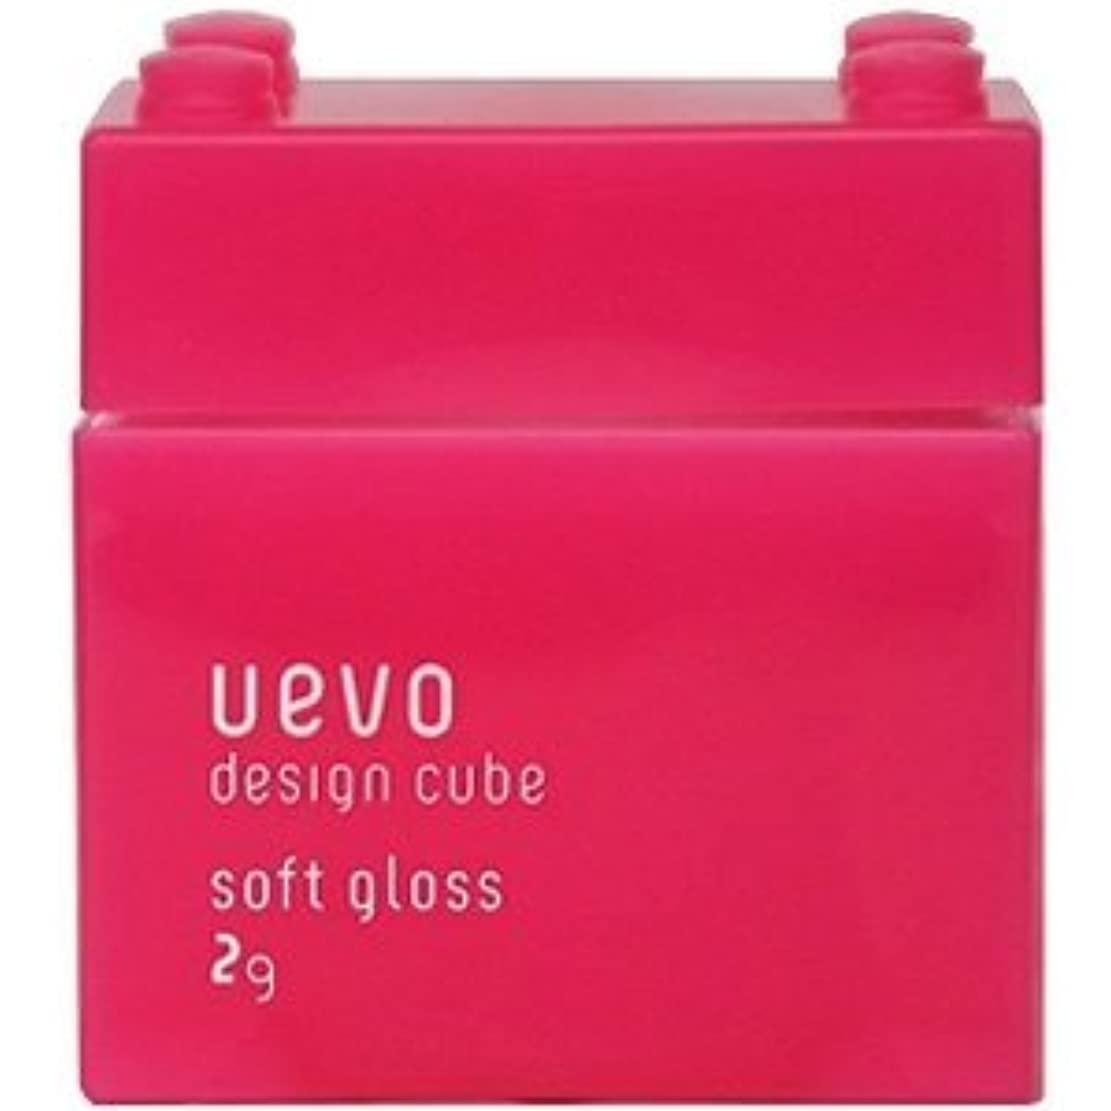 賄賂脚一般【X2個セット】 デミ ウェーボ デザインキューブ ソフトグロス 80g soft gloss DEMI uevo design cube